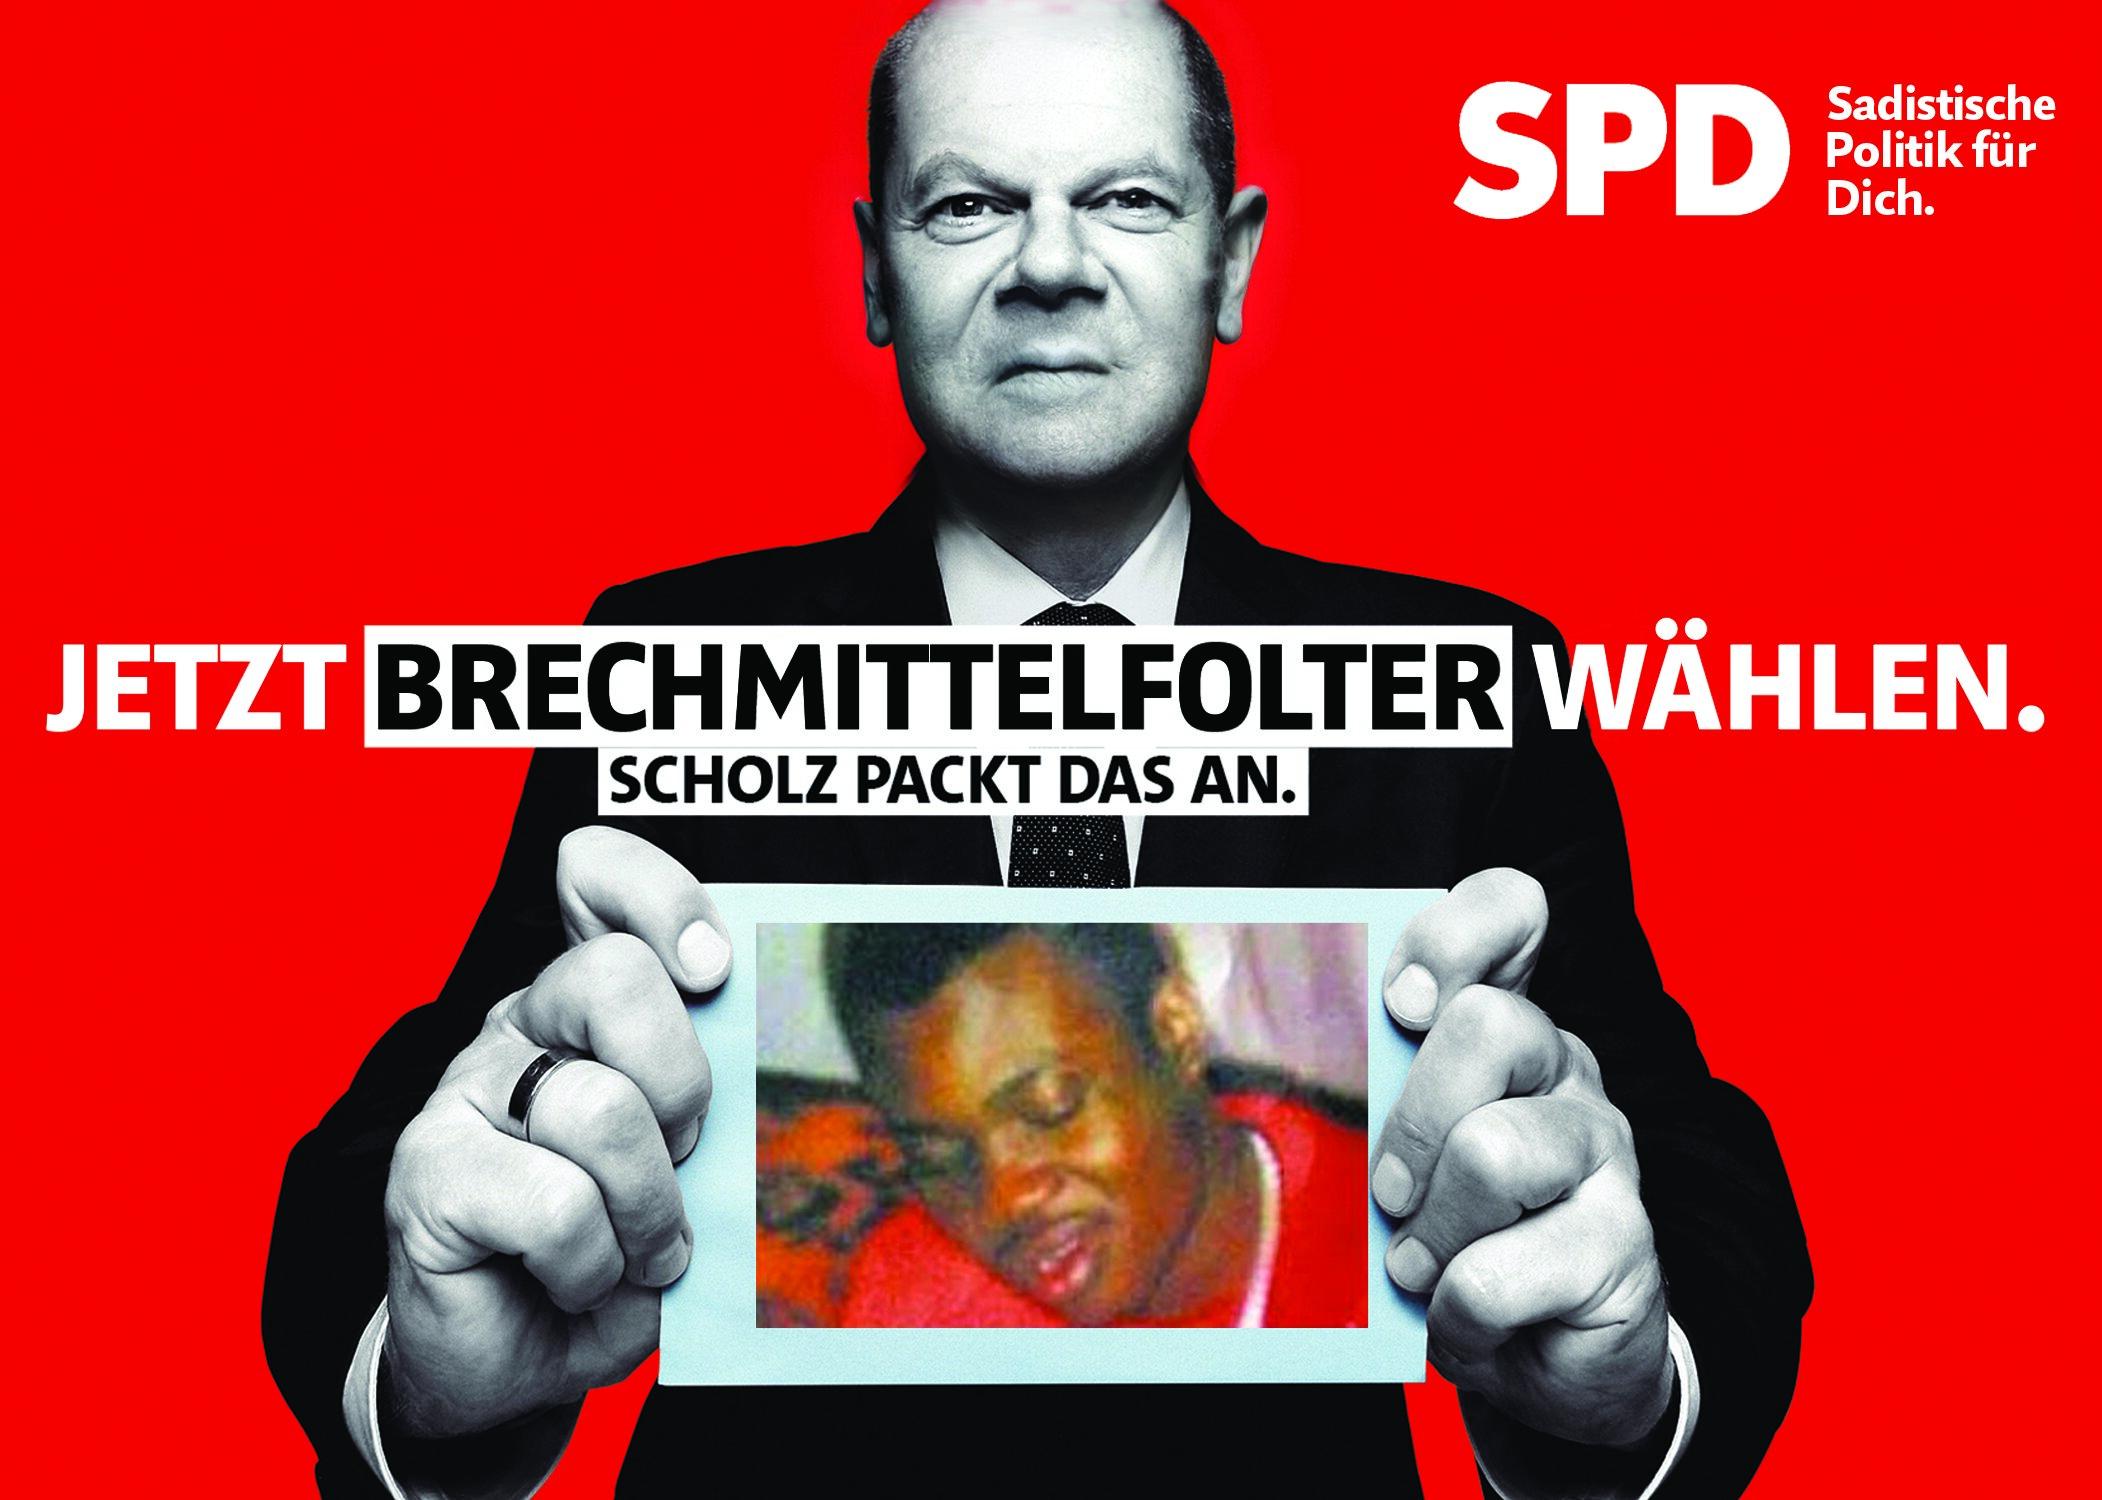 5x Scholz Postkarte